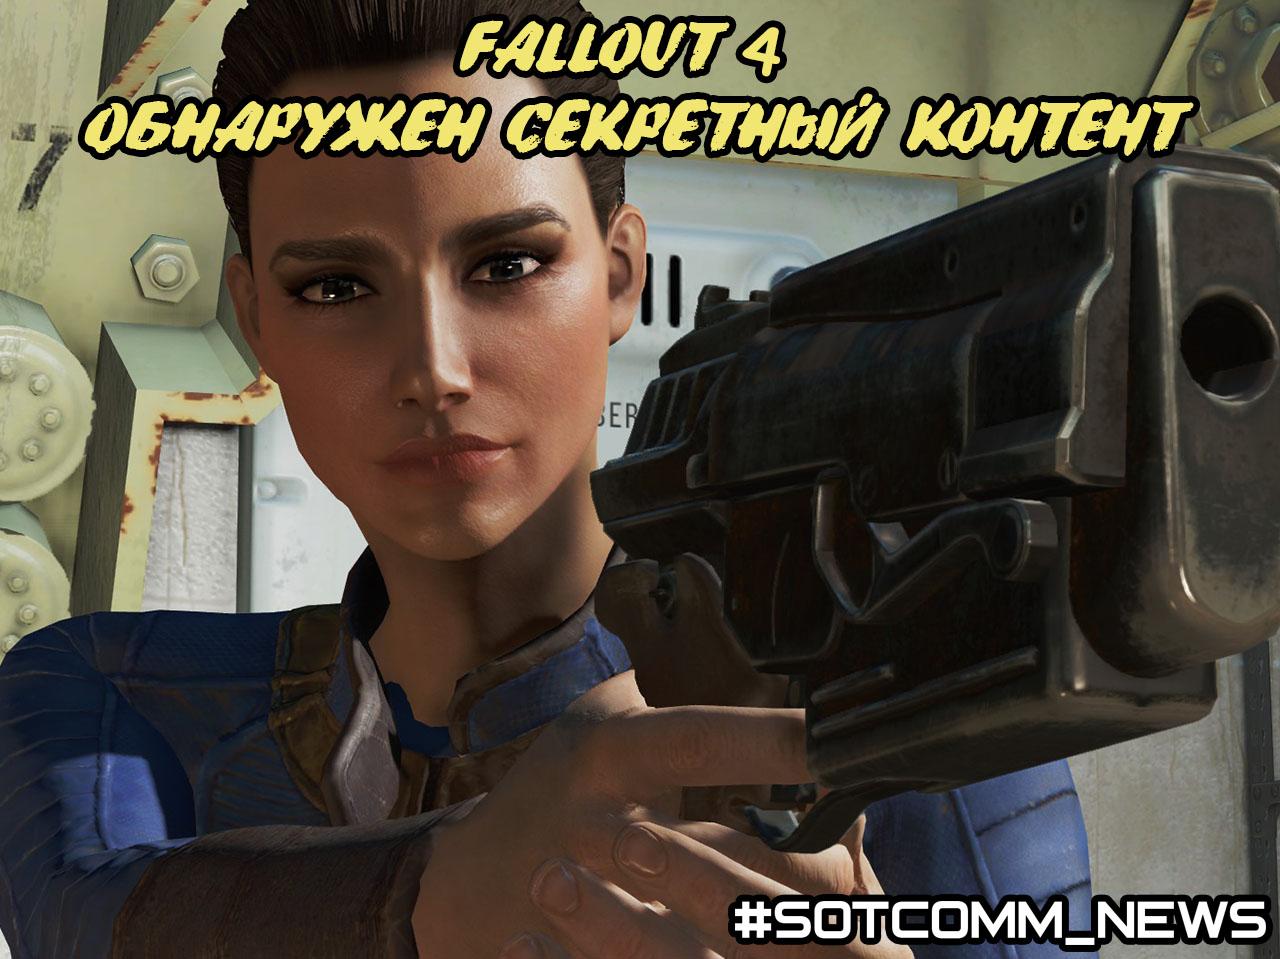 В Fallout 4 нашли секретный контент